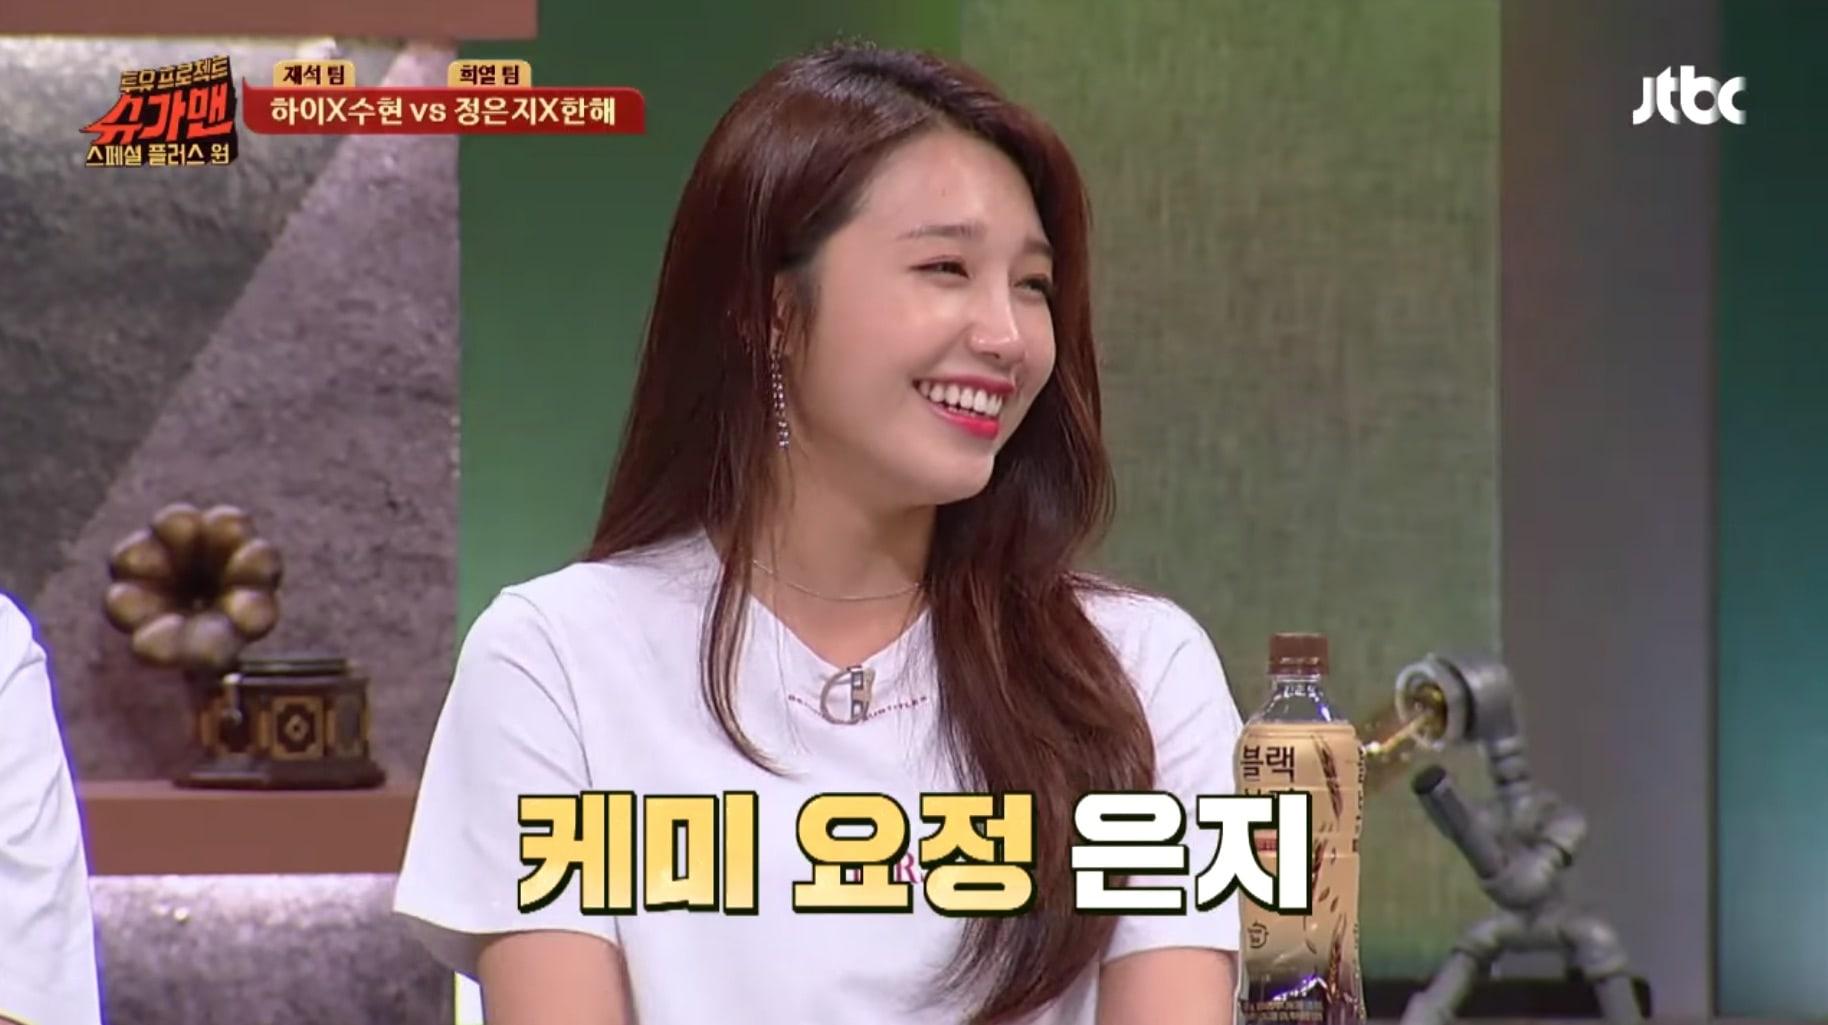 Jung Eun Ji de Apink comparte con qué compañero de dueto ha tenido la mejor química